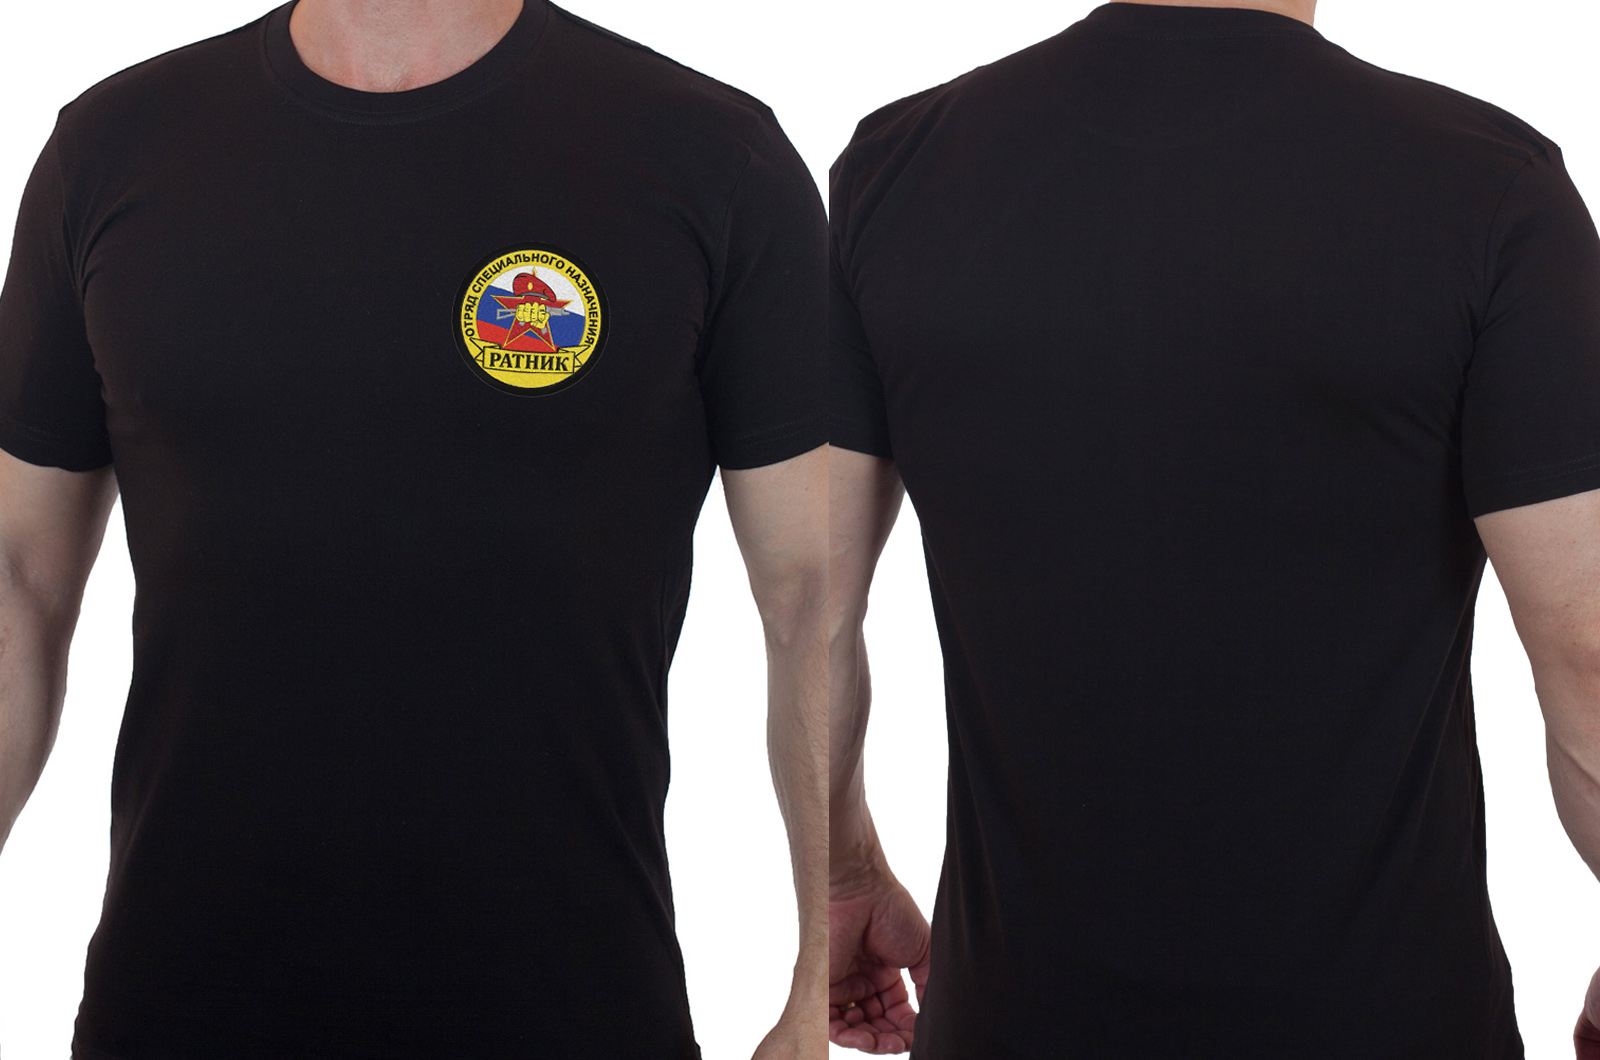 Футболка черная с вышитым шевроном ОСН Ратник - заказать с доставкой